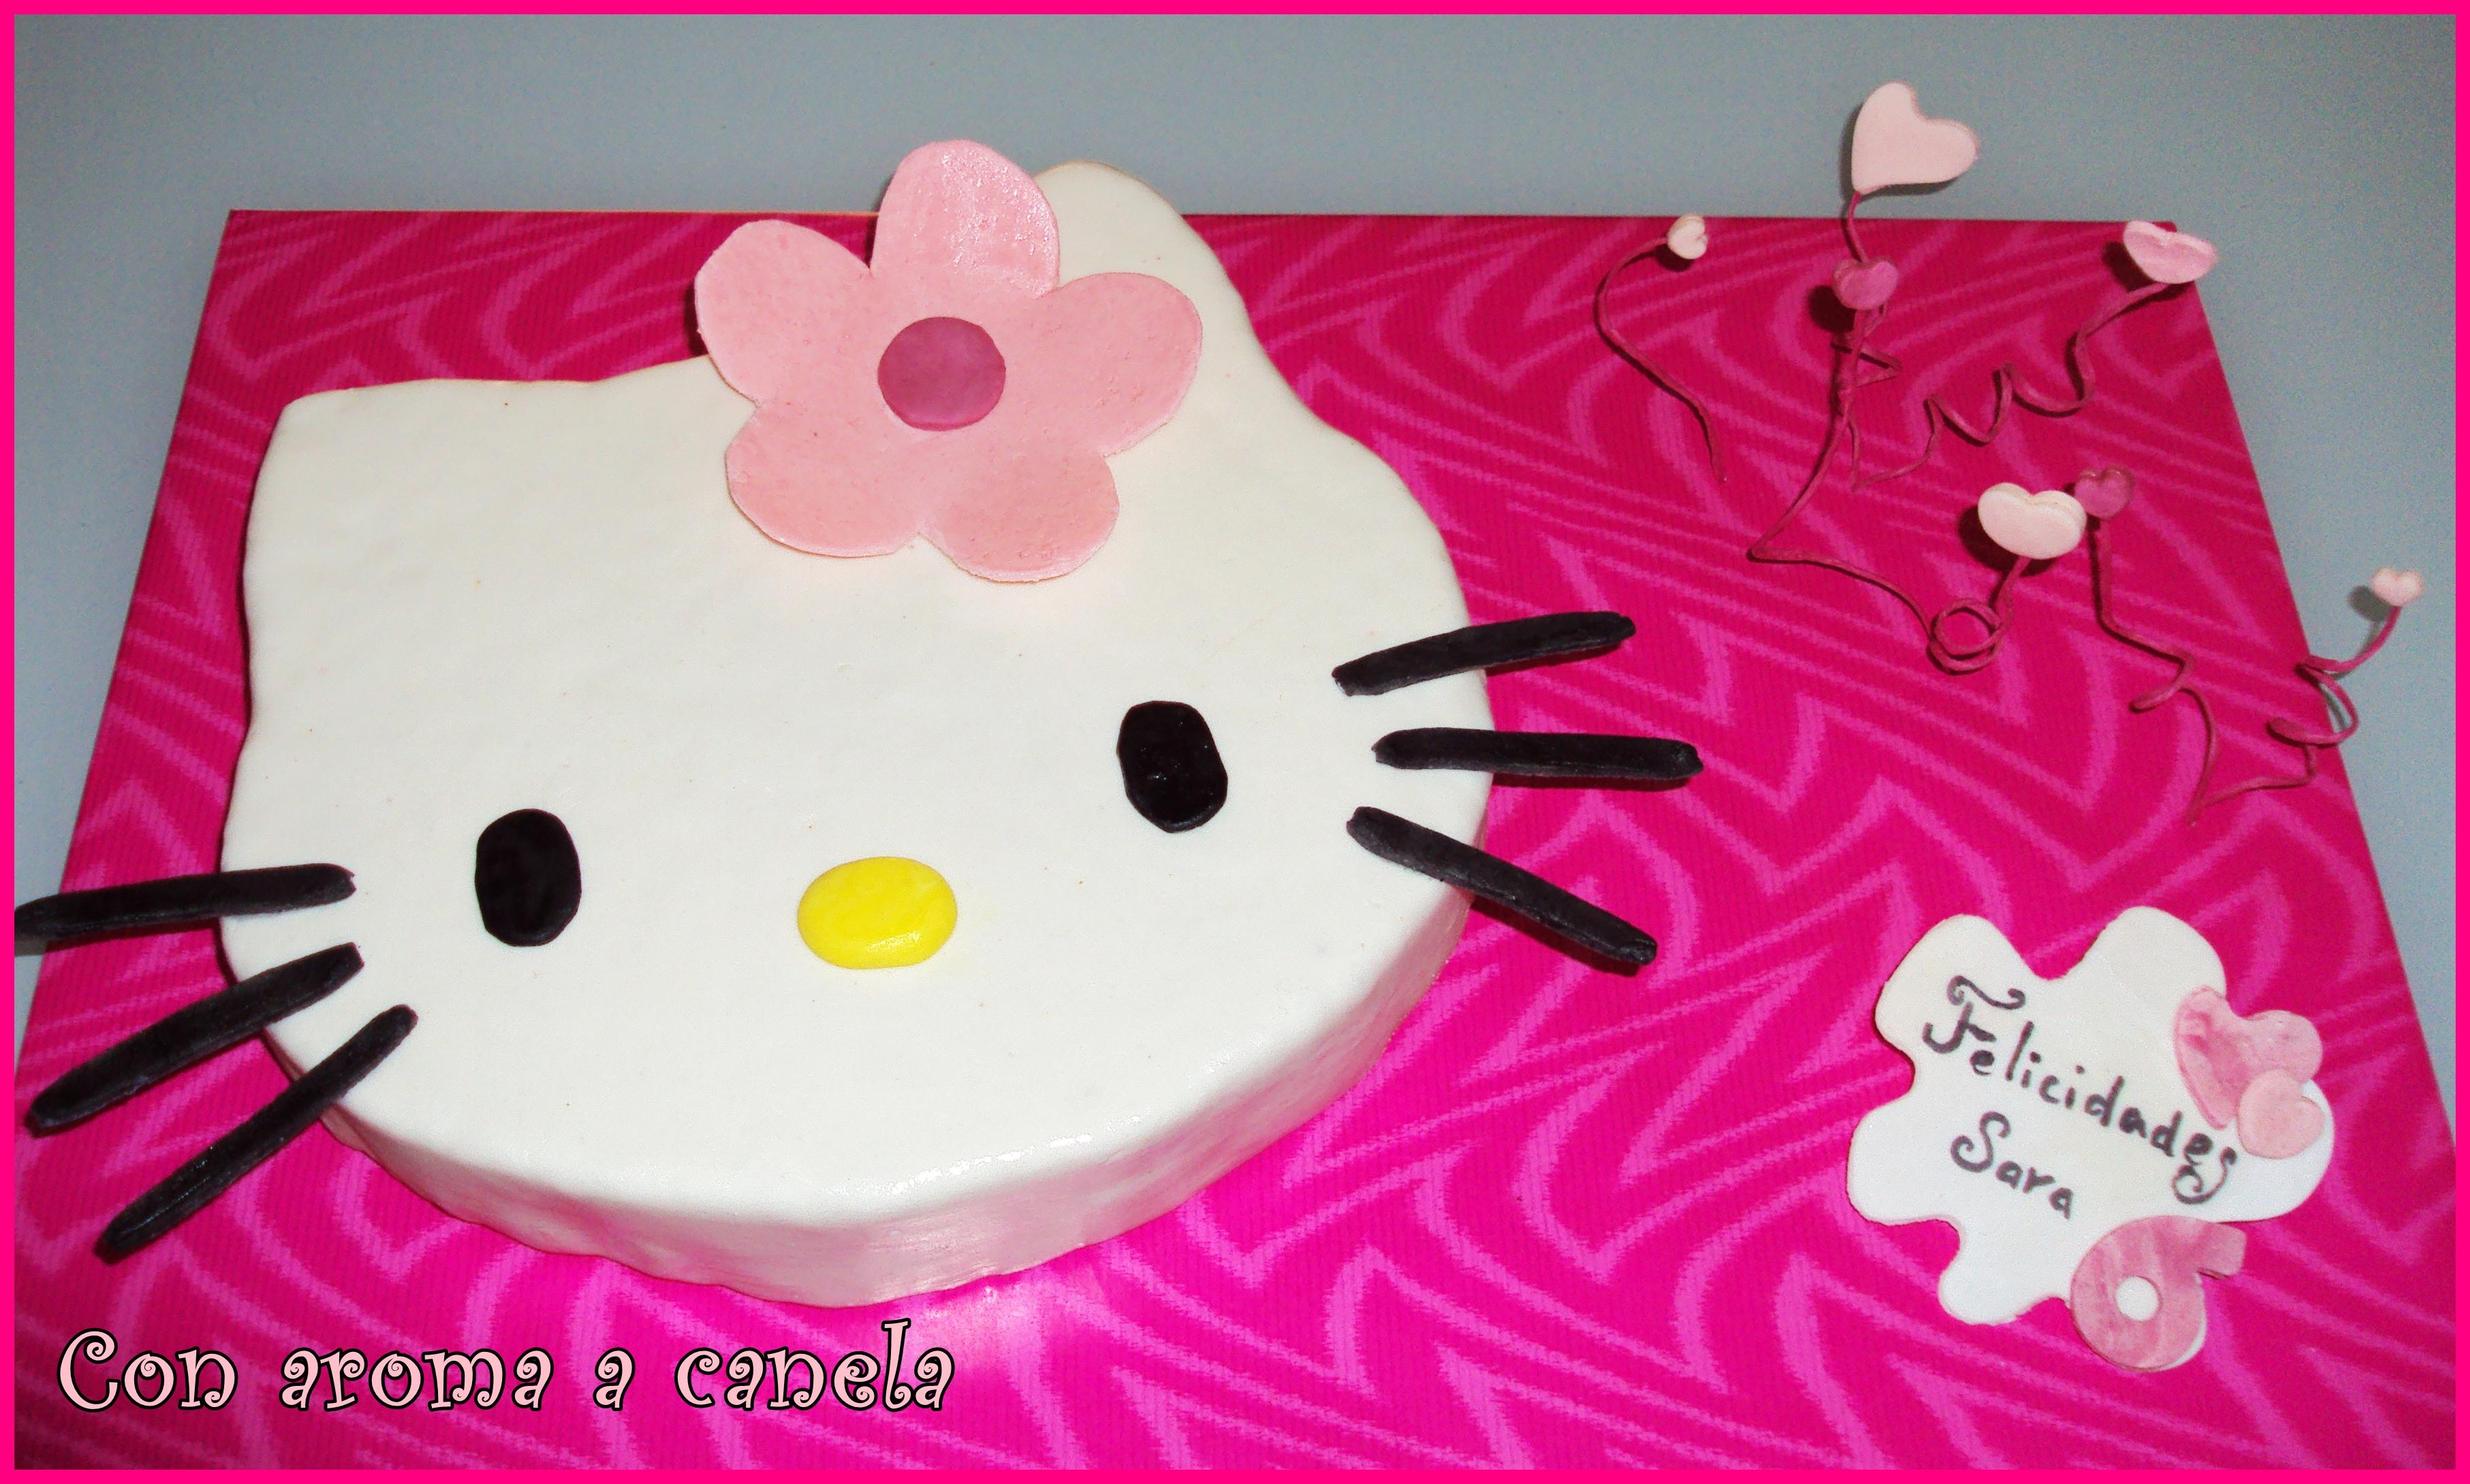 Decoracion Hello Kitty Para Cumplea?os ~ Pin Pasteles Hello Kitty Tortas De Cumpleanos Para Pelautscom on